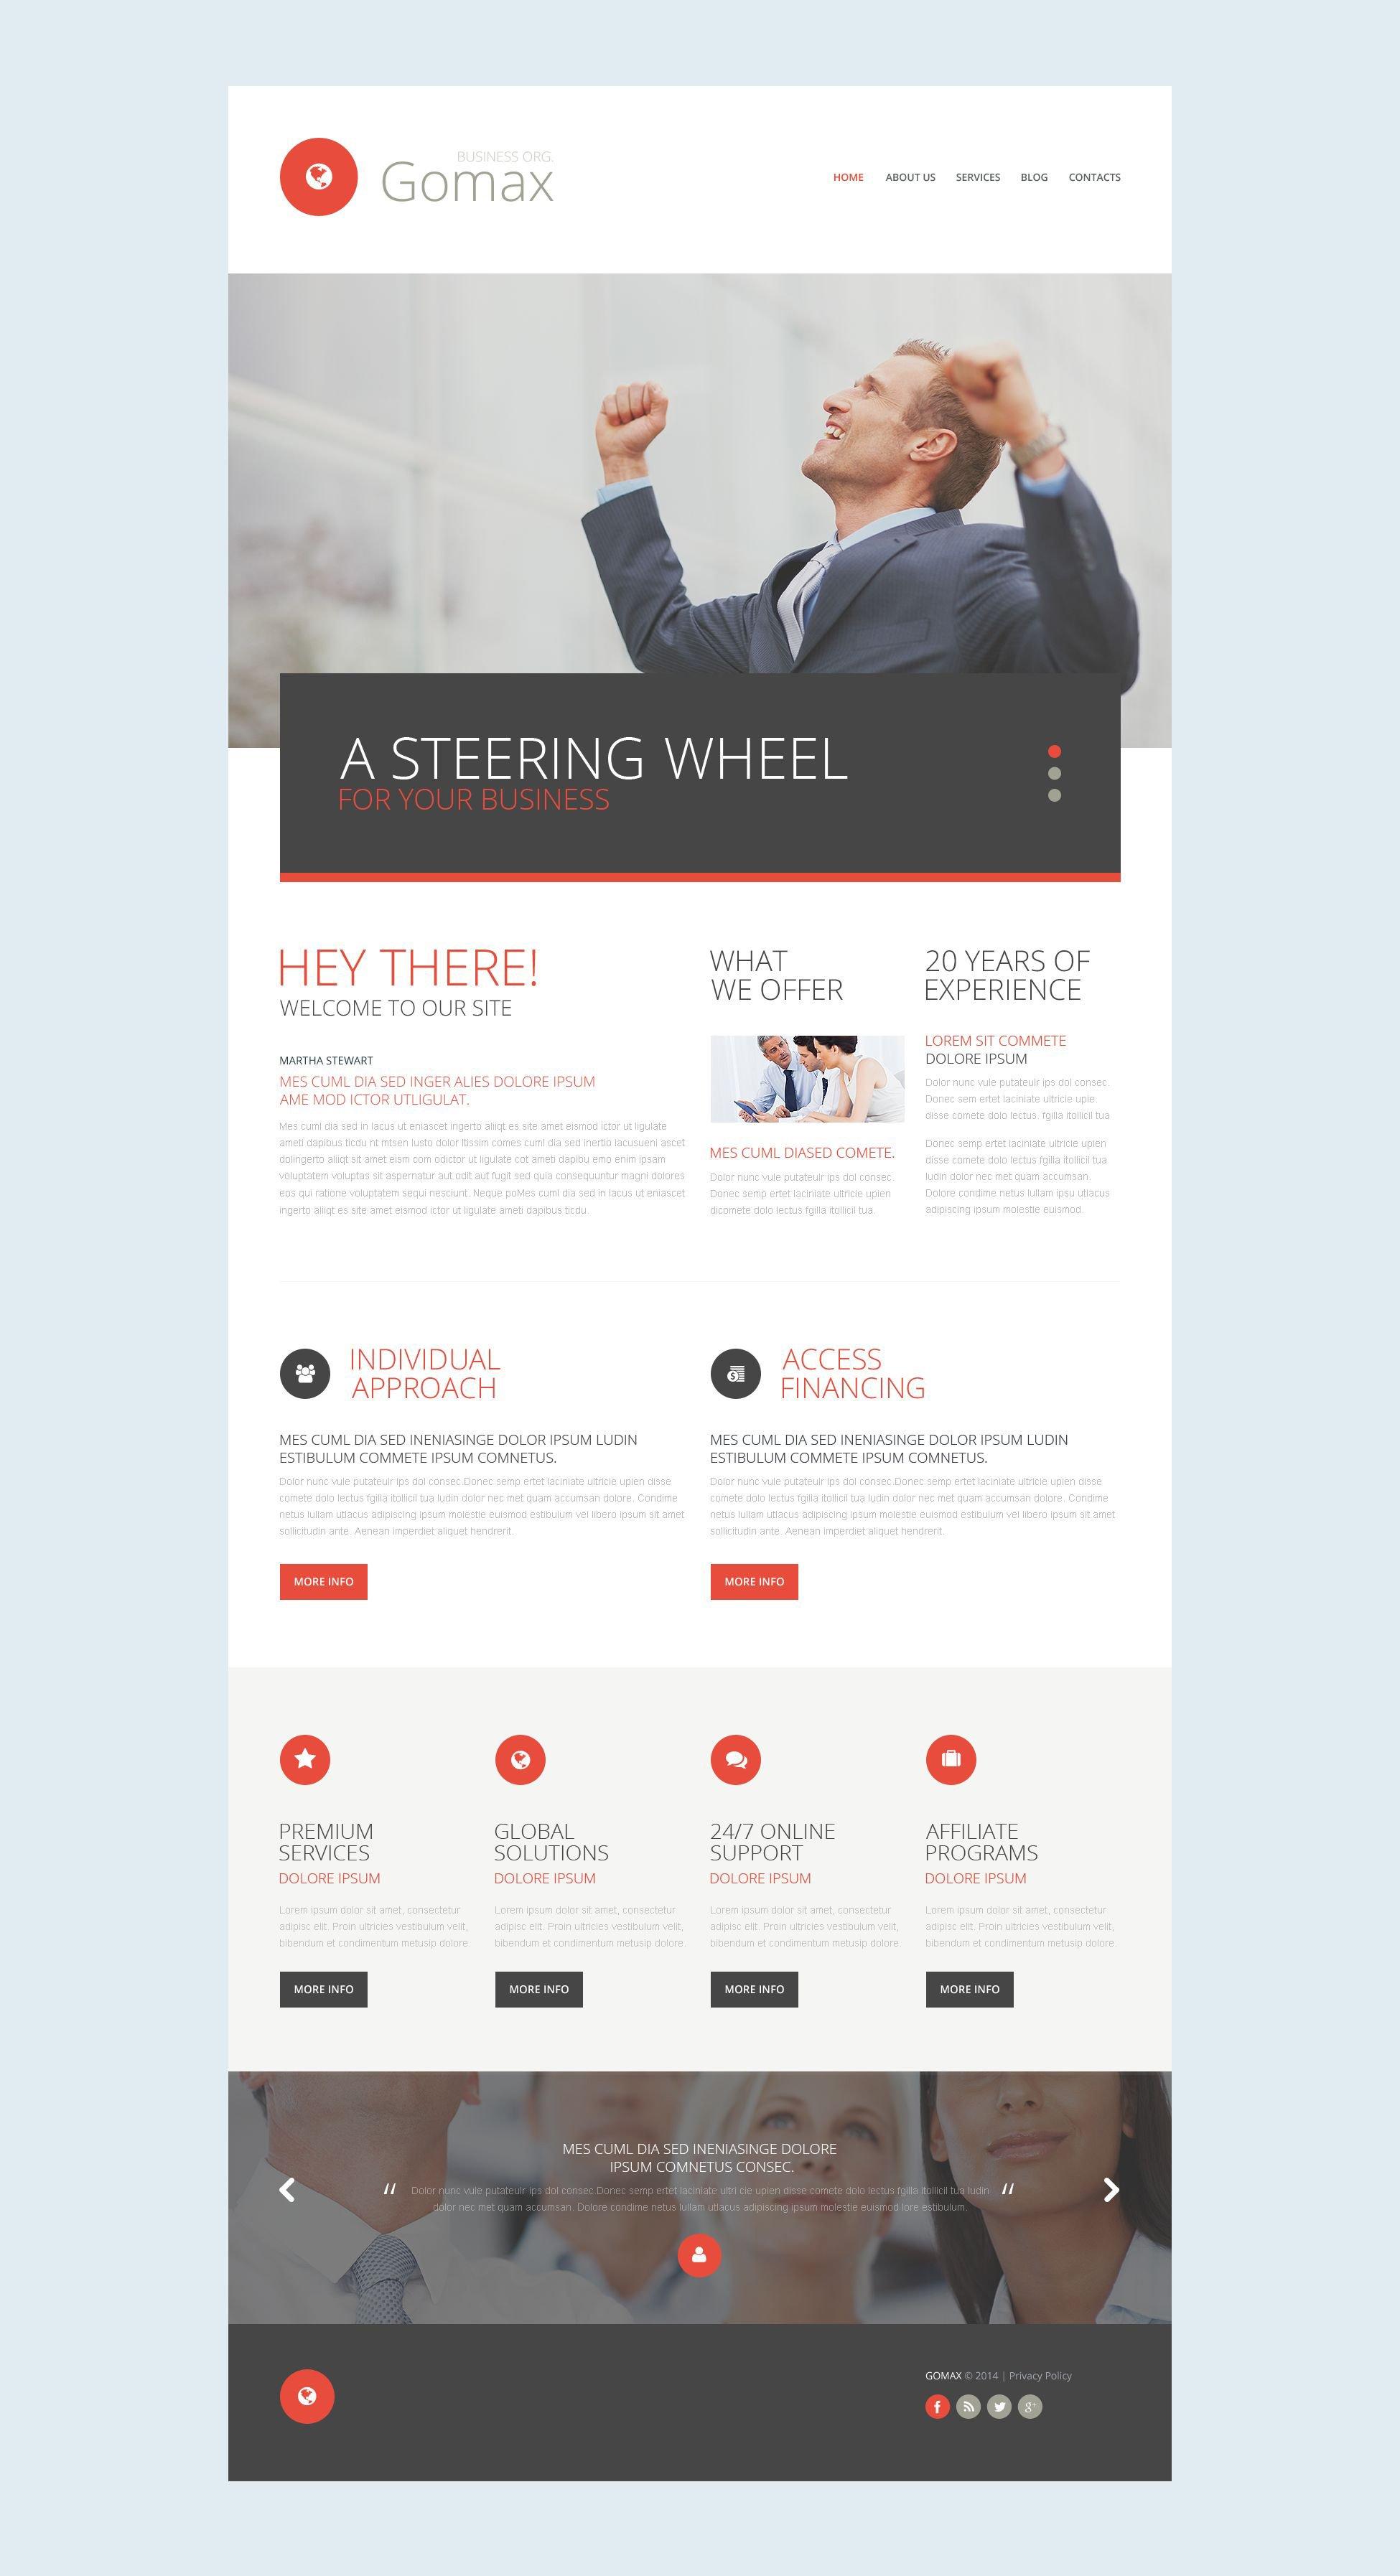 Responsive İş ve Hizmetler Web Sitesi #52536 - Ekran resmi